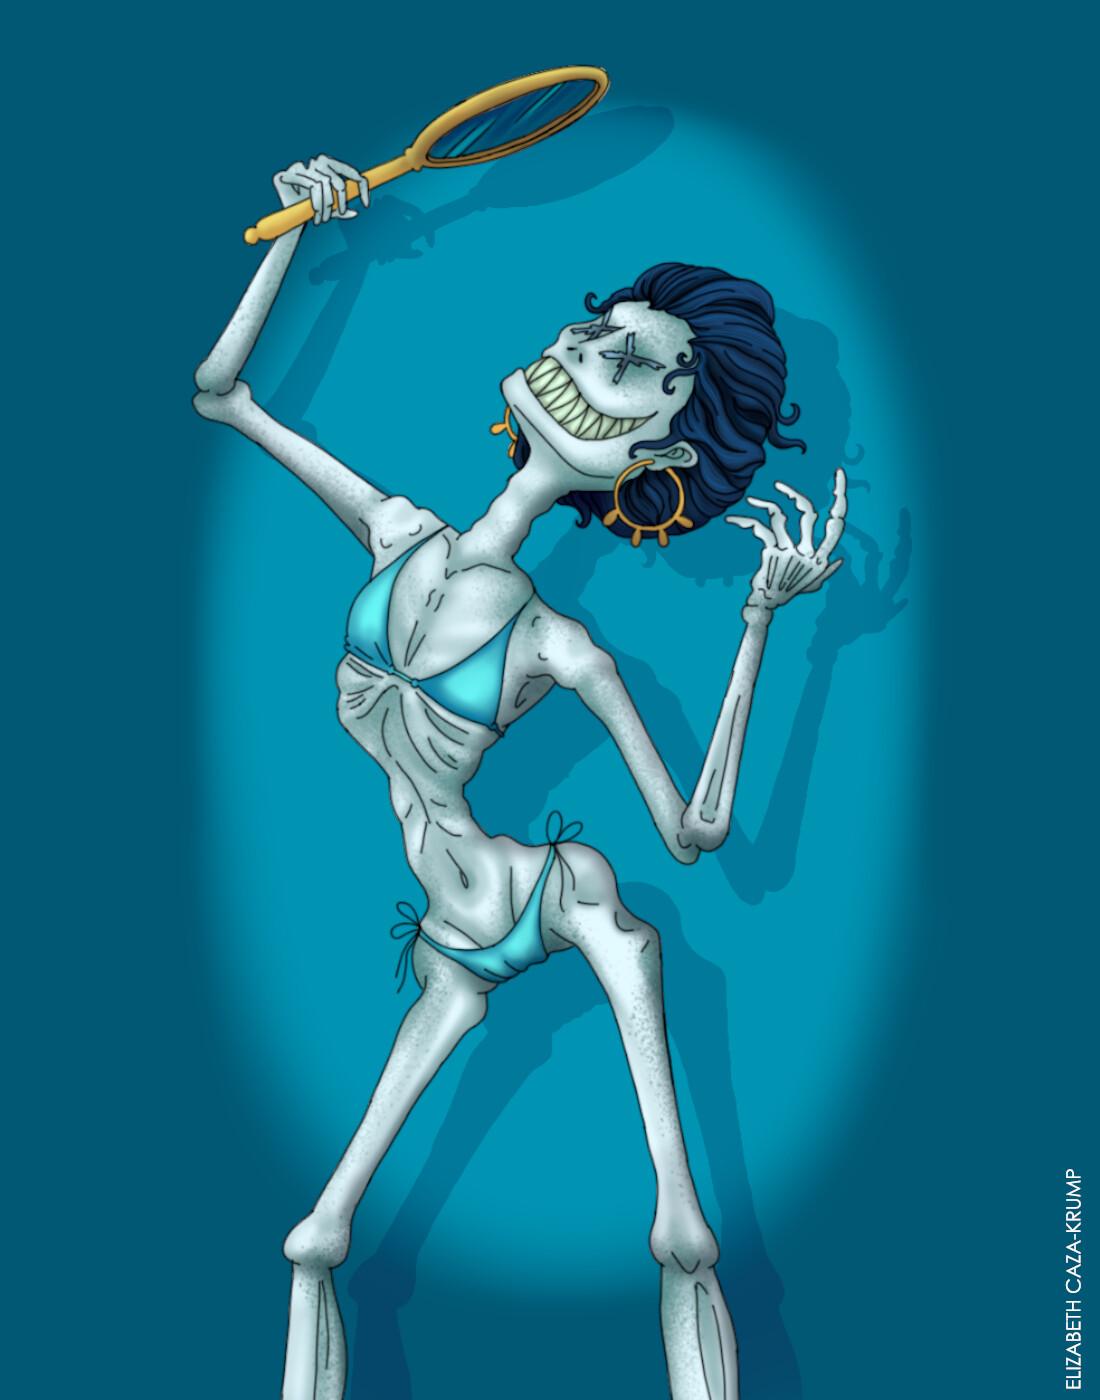 Skeleton contest who beauty won the Skeleton Jokes